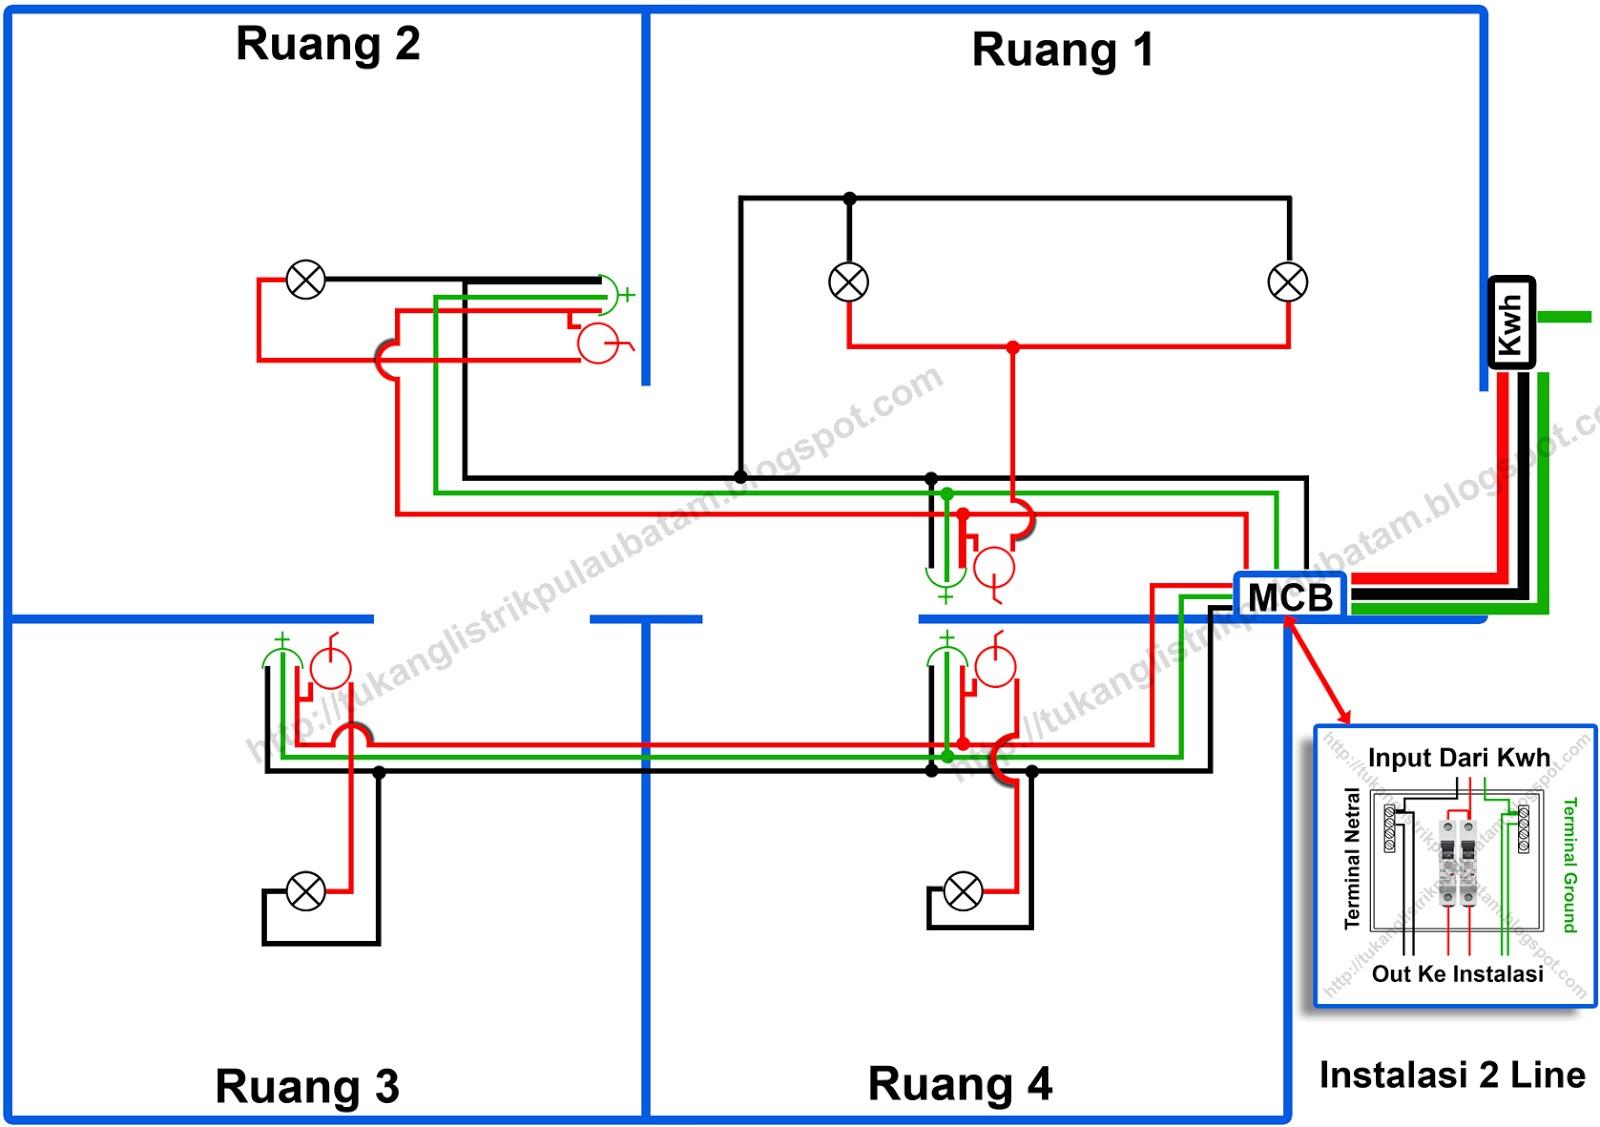 3 jenis tipe rangkaian instalasi listrik rumah tukang listrik batam gambar instalasi listrik rumah 2 line ccuart Gallery